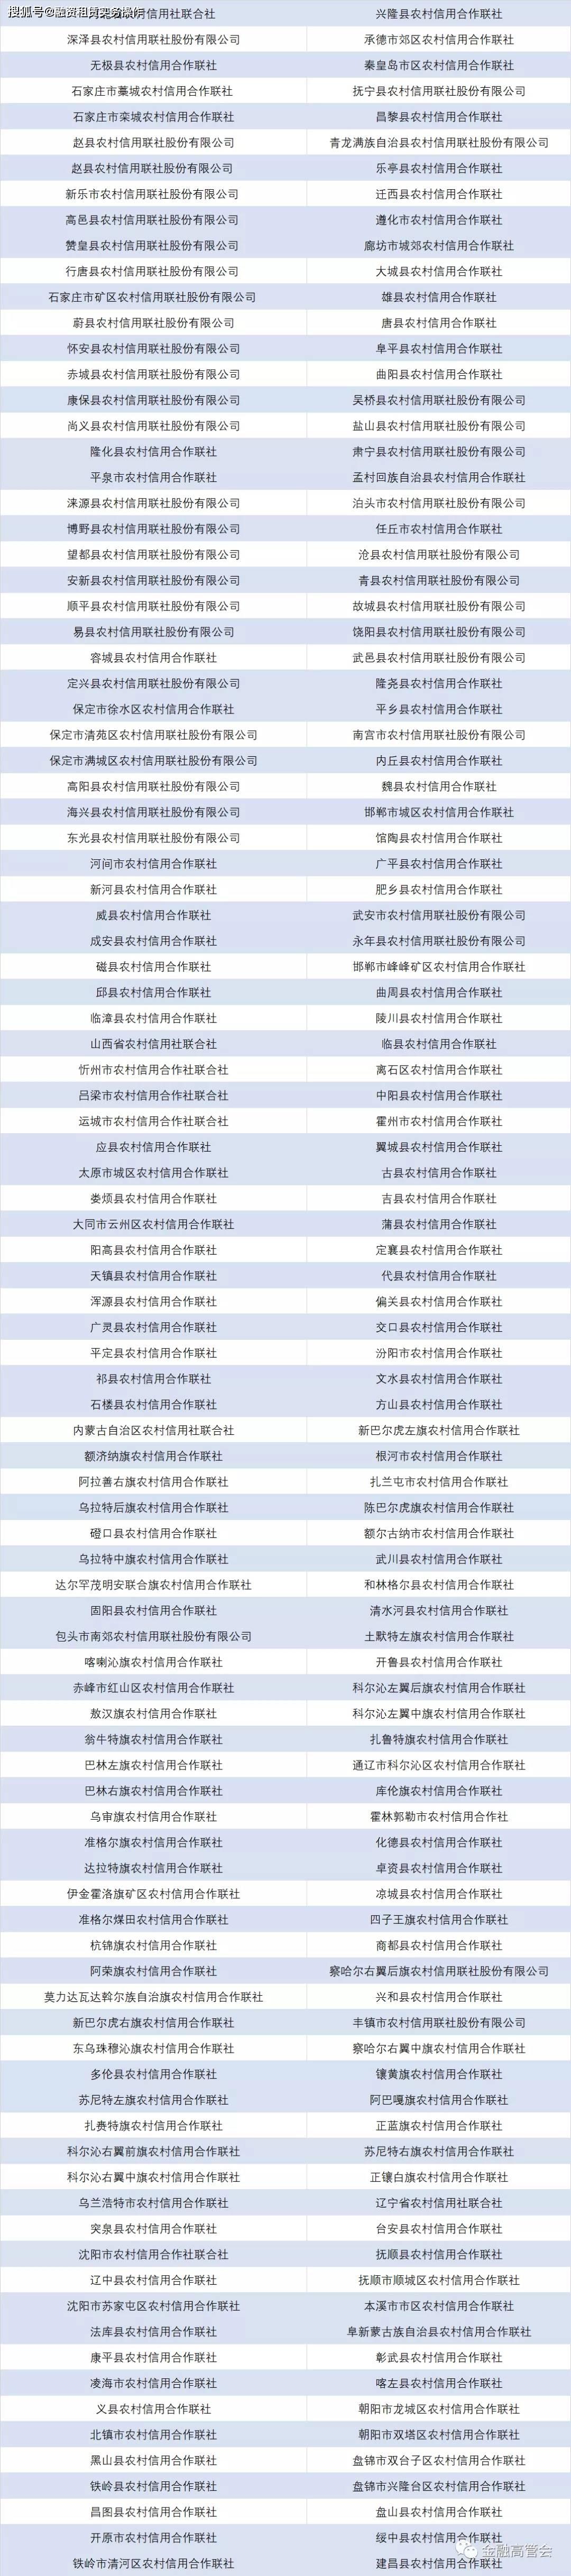 中国银保监会主席郭树清在2020年陆家嘴论坛上的发言 | 全文 国际...